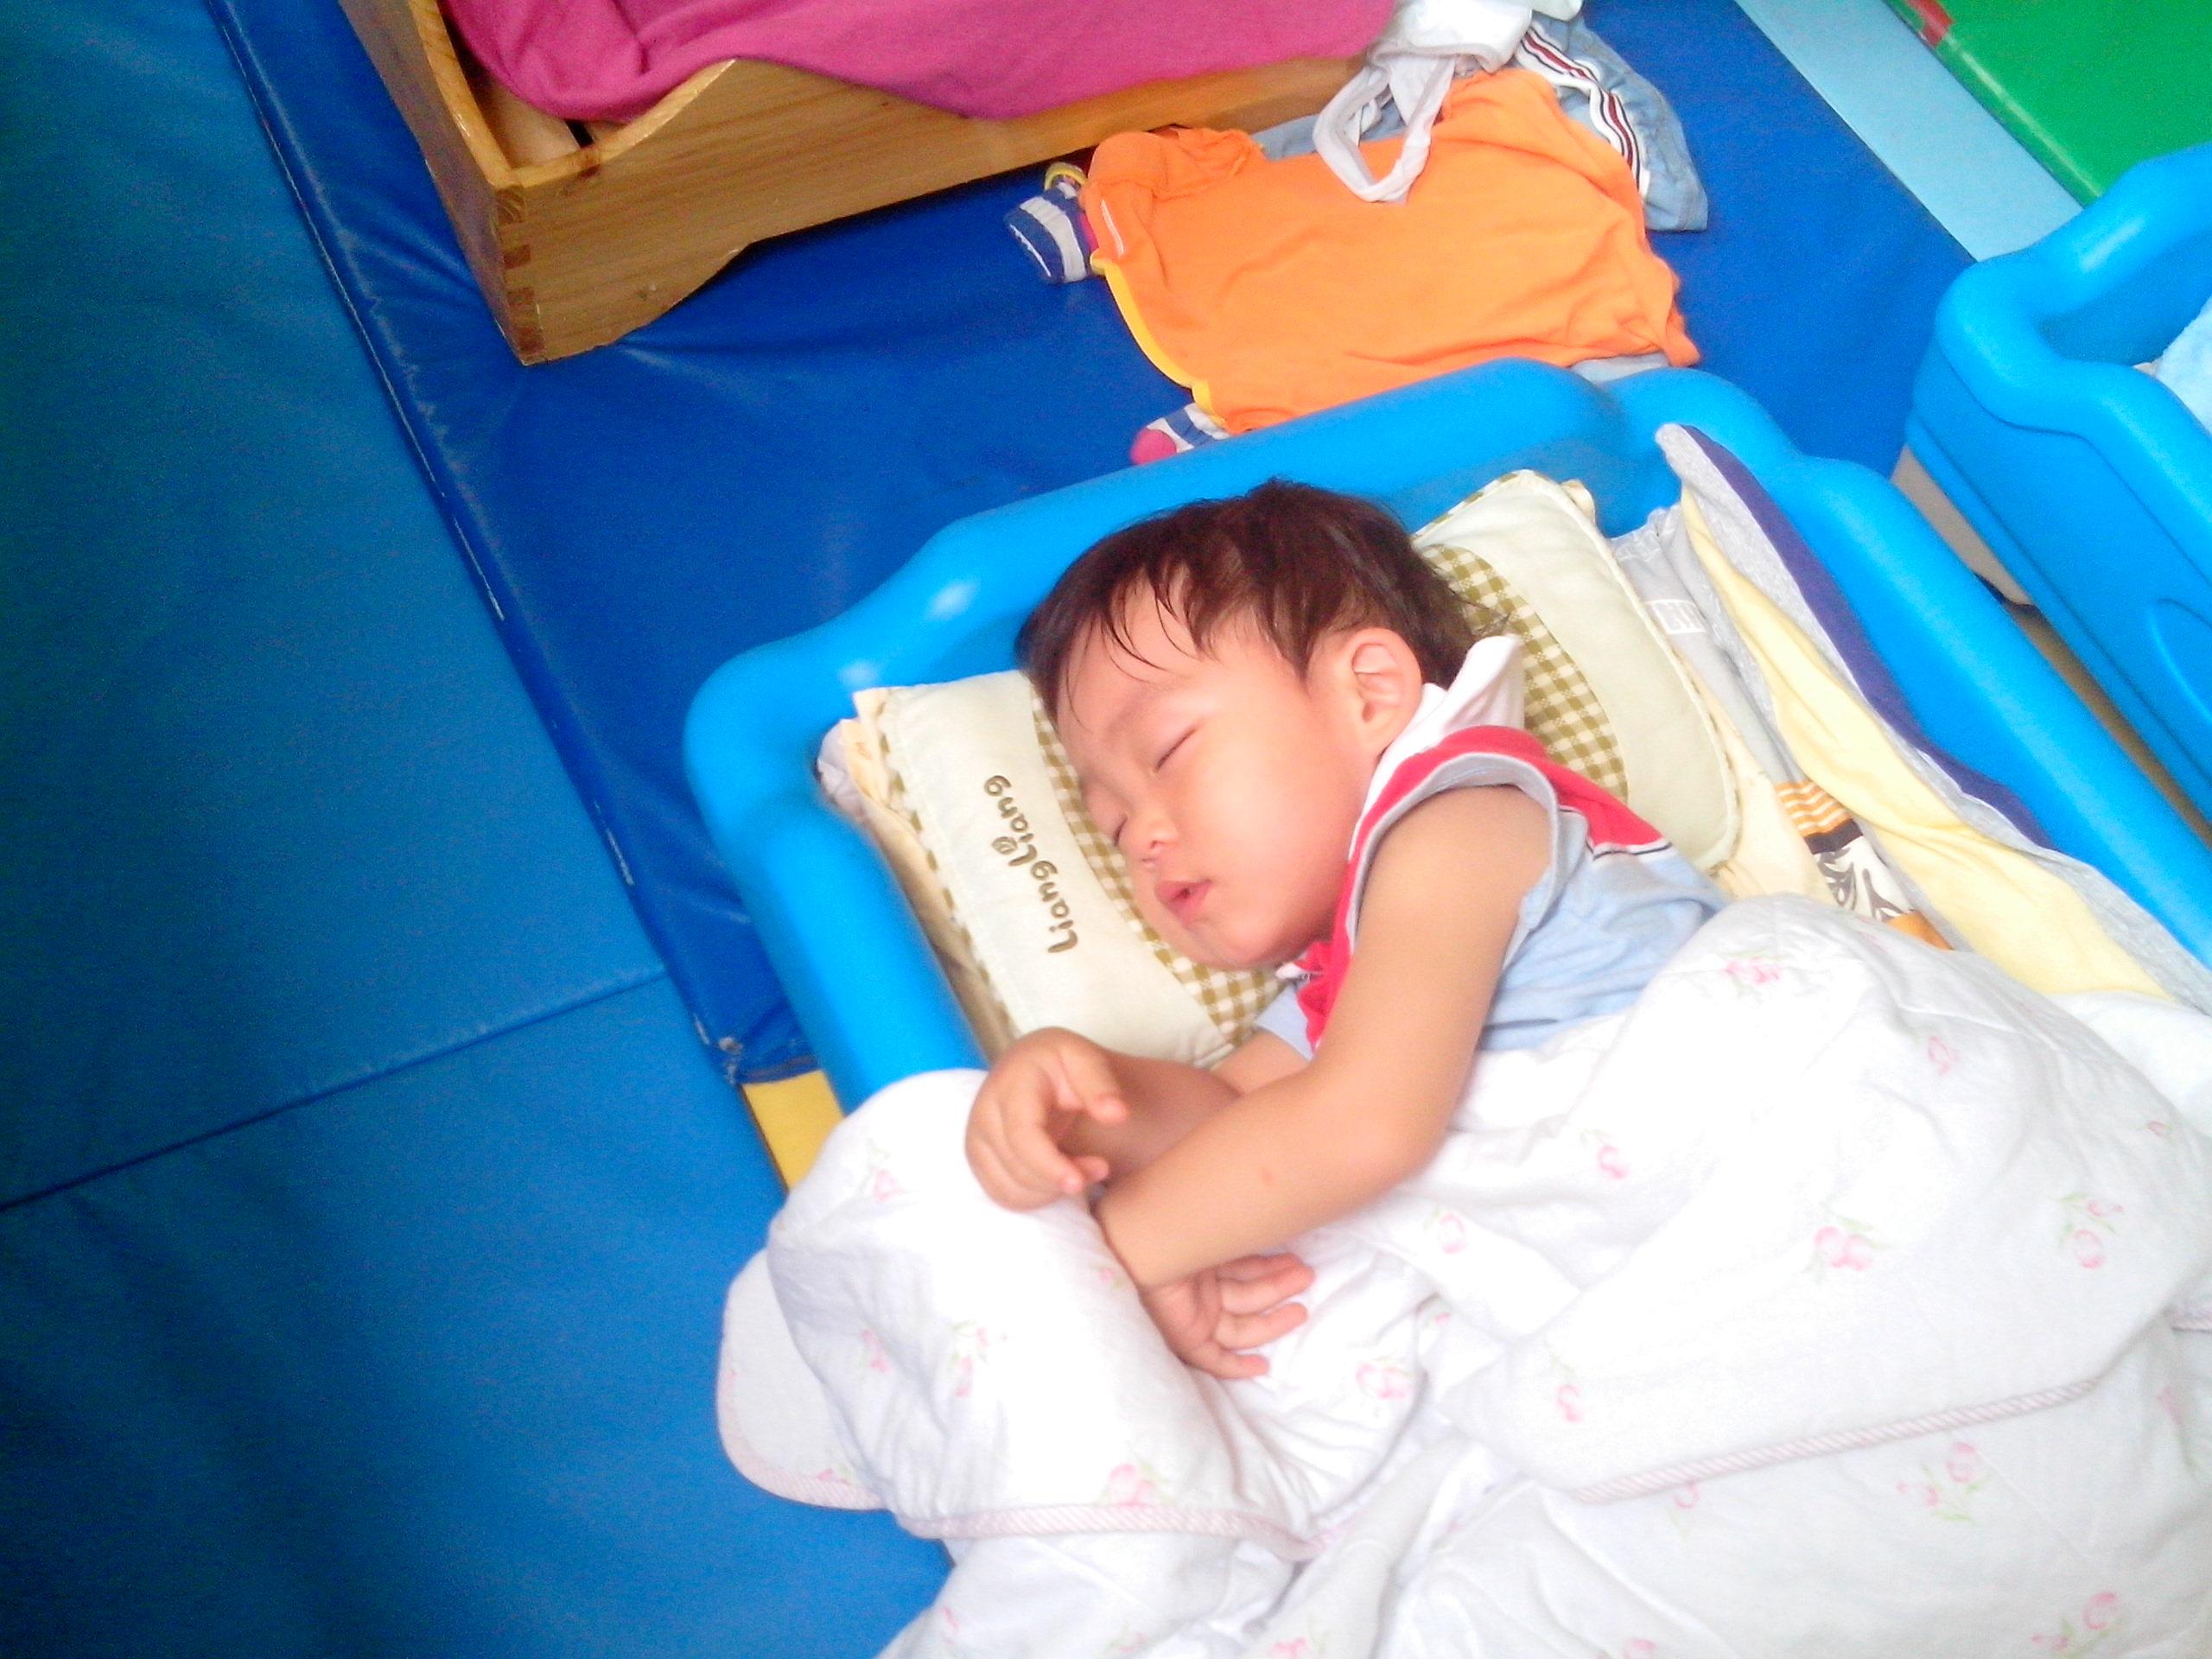 午睡时间 _ 红黄蓝|早教|早教中心